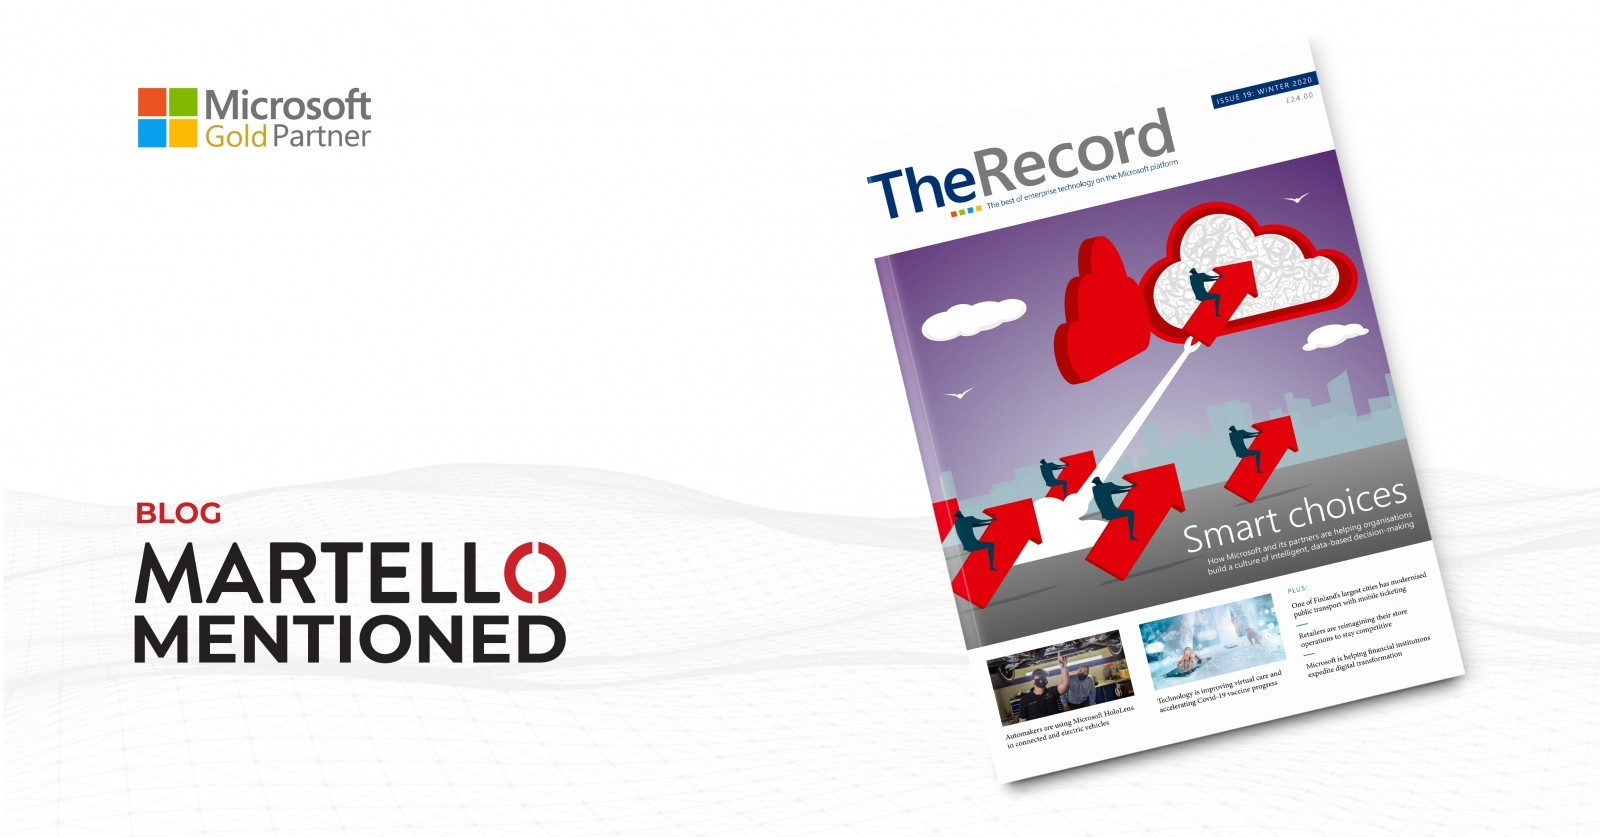 Martello mentioned The Record